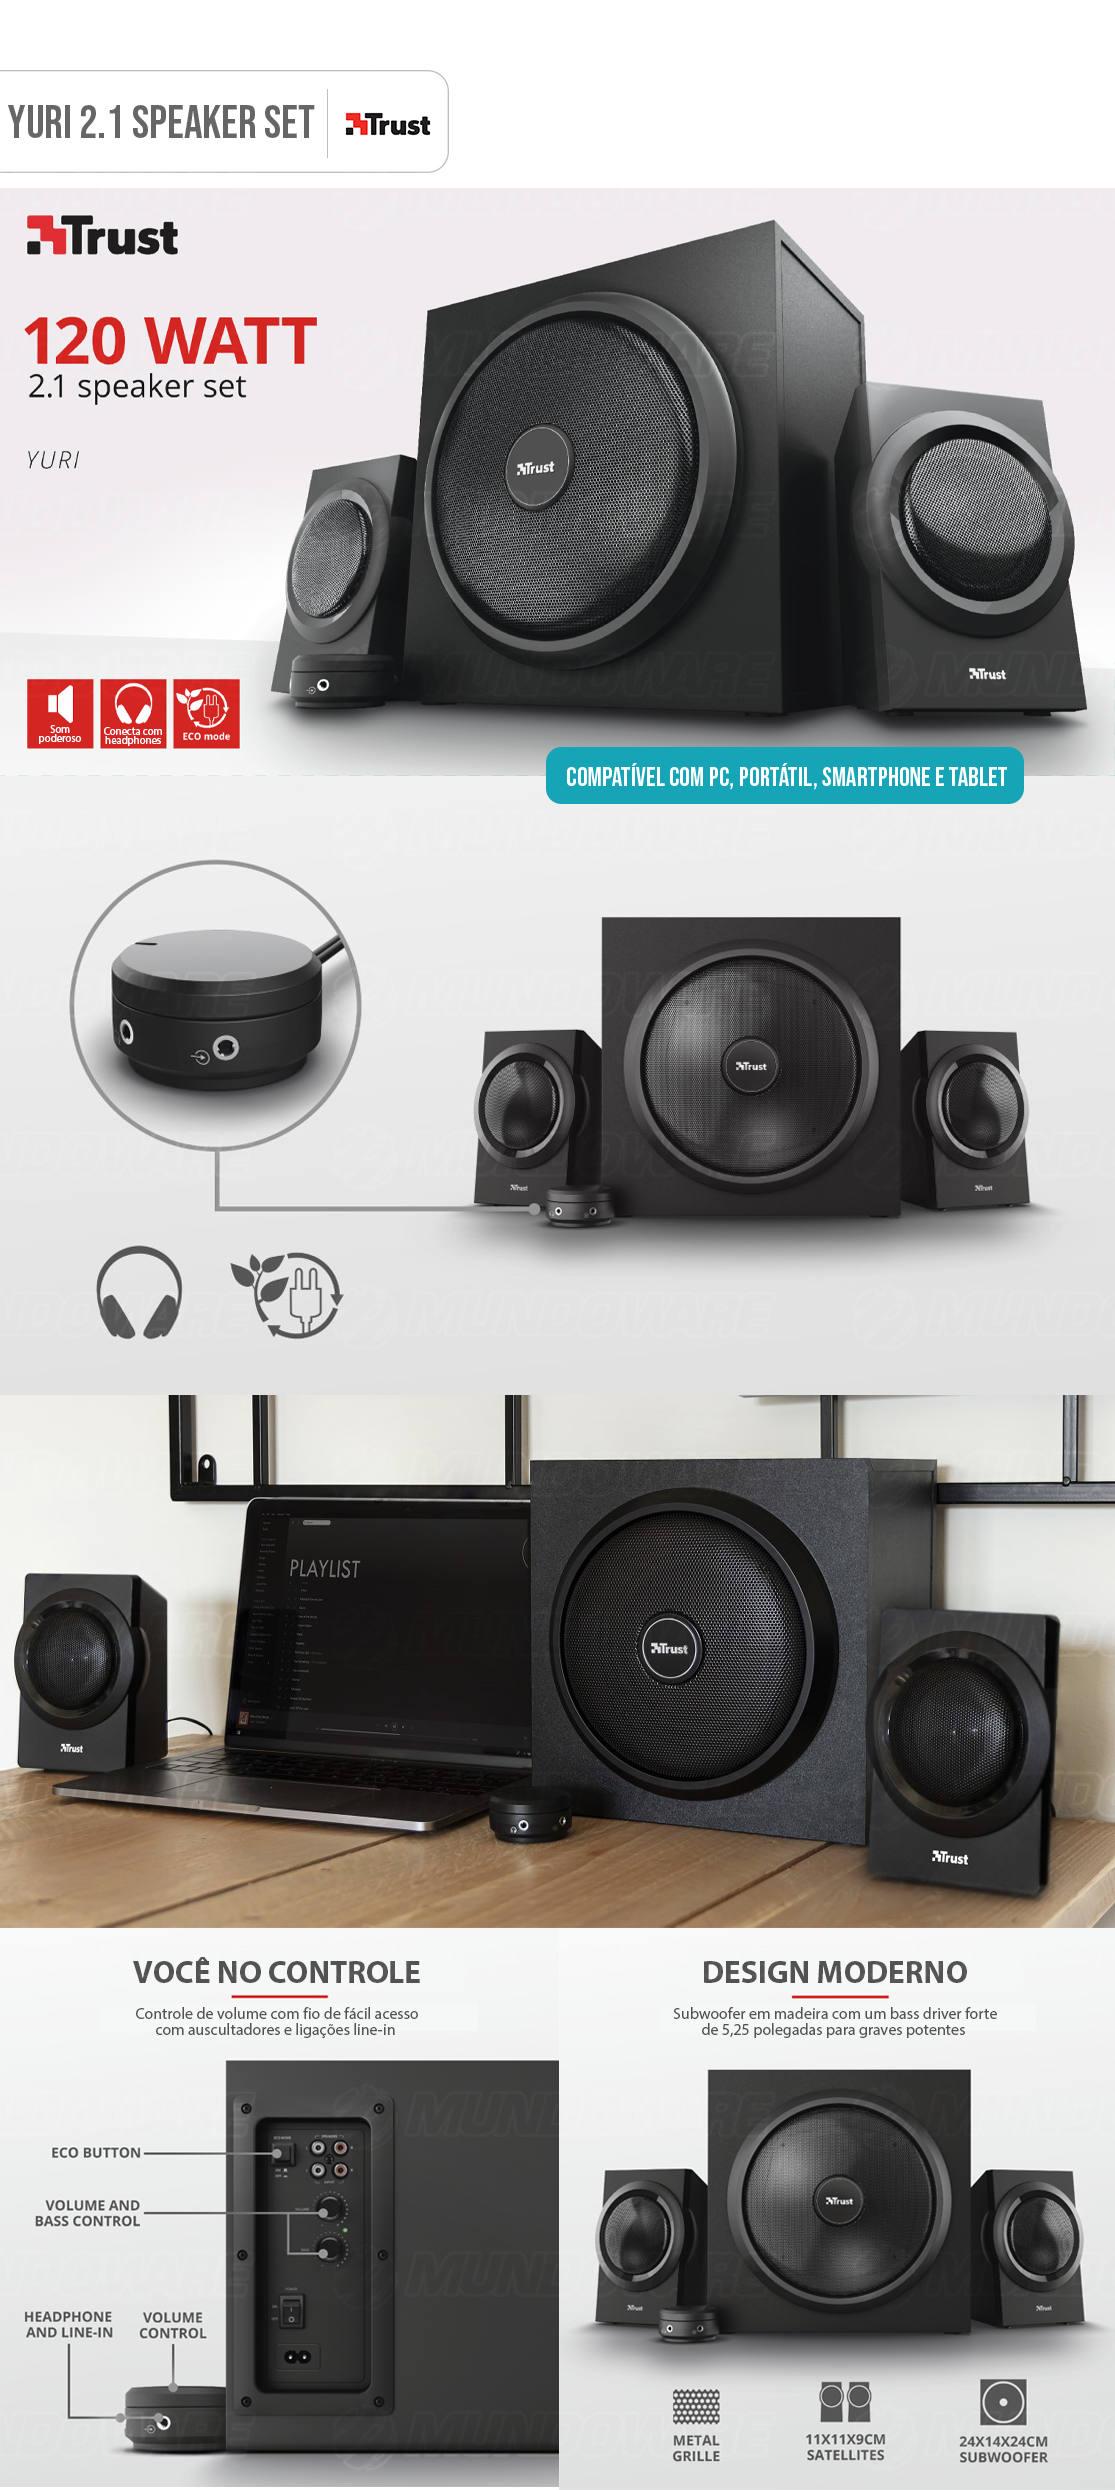 Caixa de Som com Subwoofer Speaker Set Yuri 2.1 120W com Fio e Graves Dinâmicos e Som Potente Trust